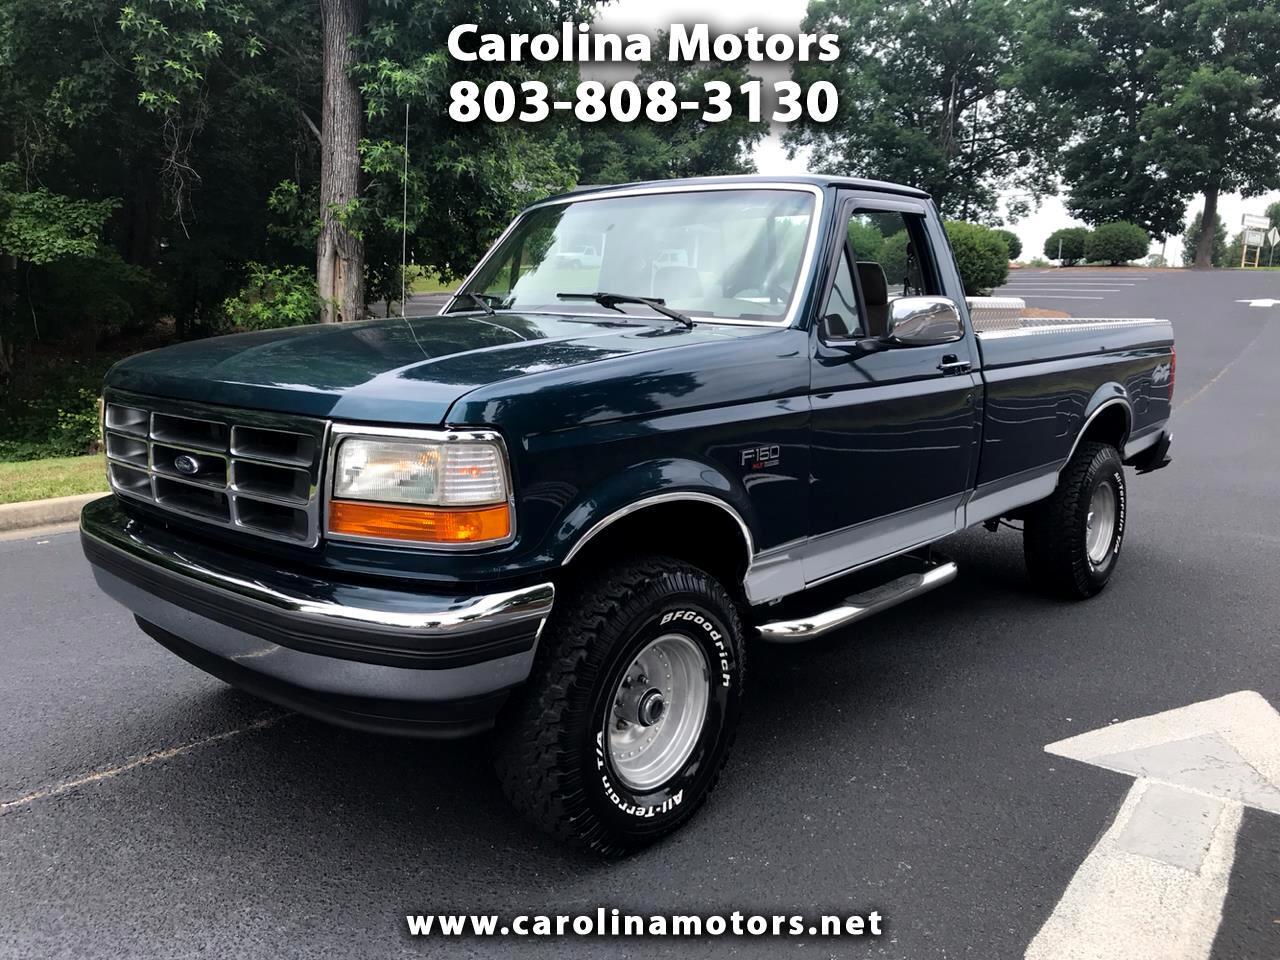 1995 Ford F150 XLT 4x4